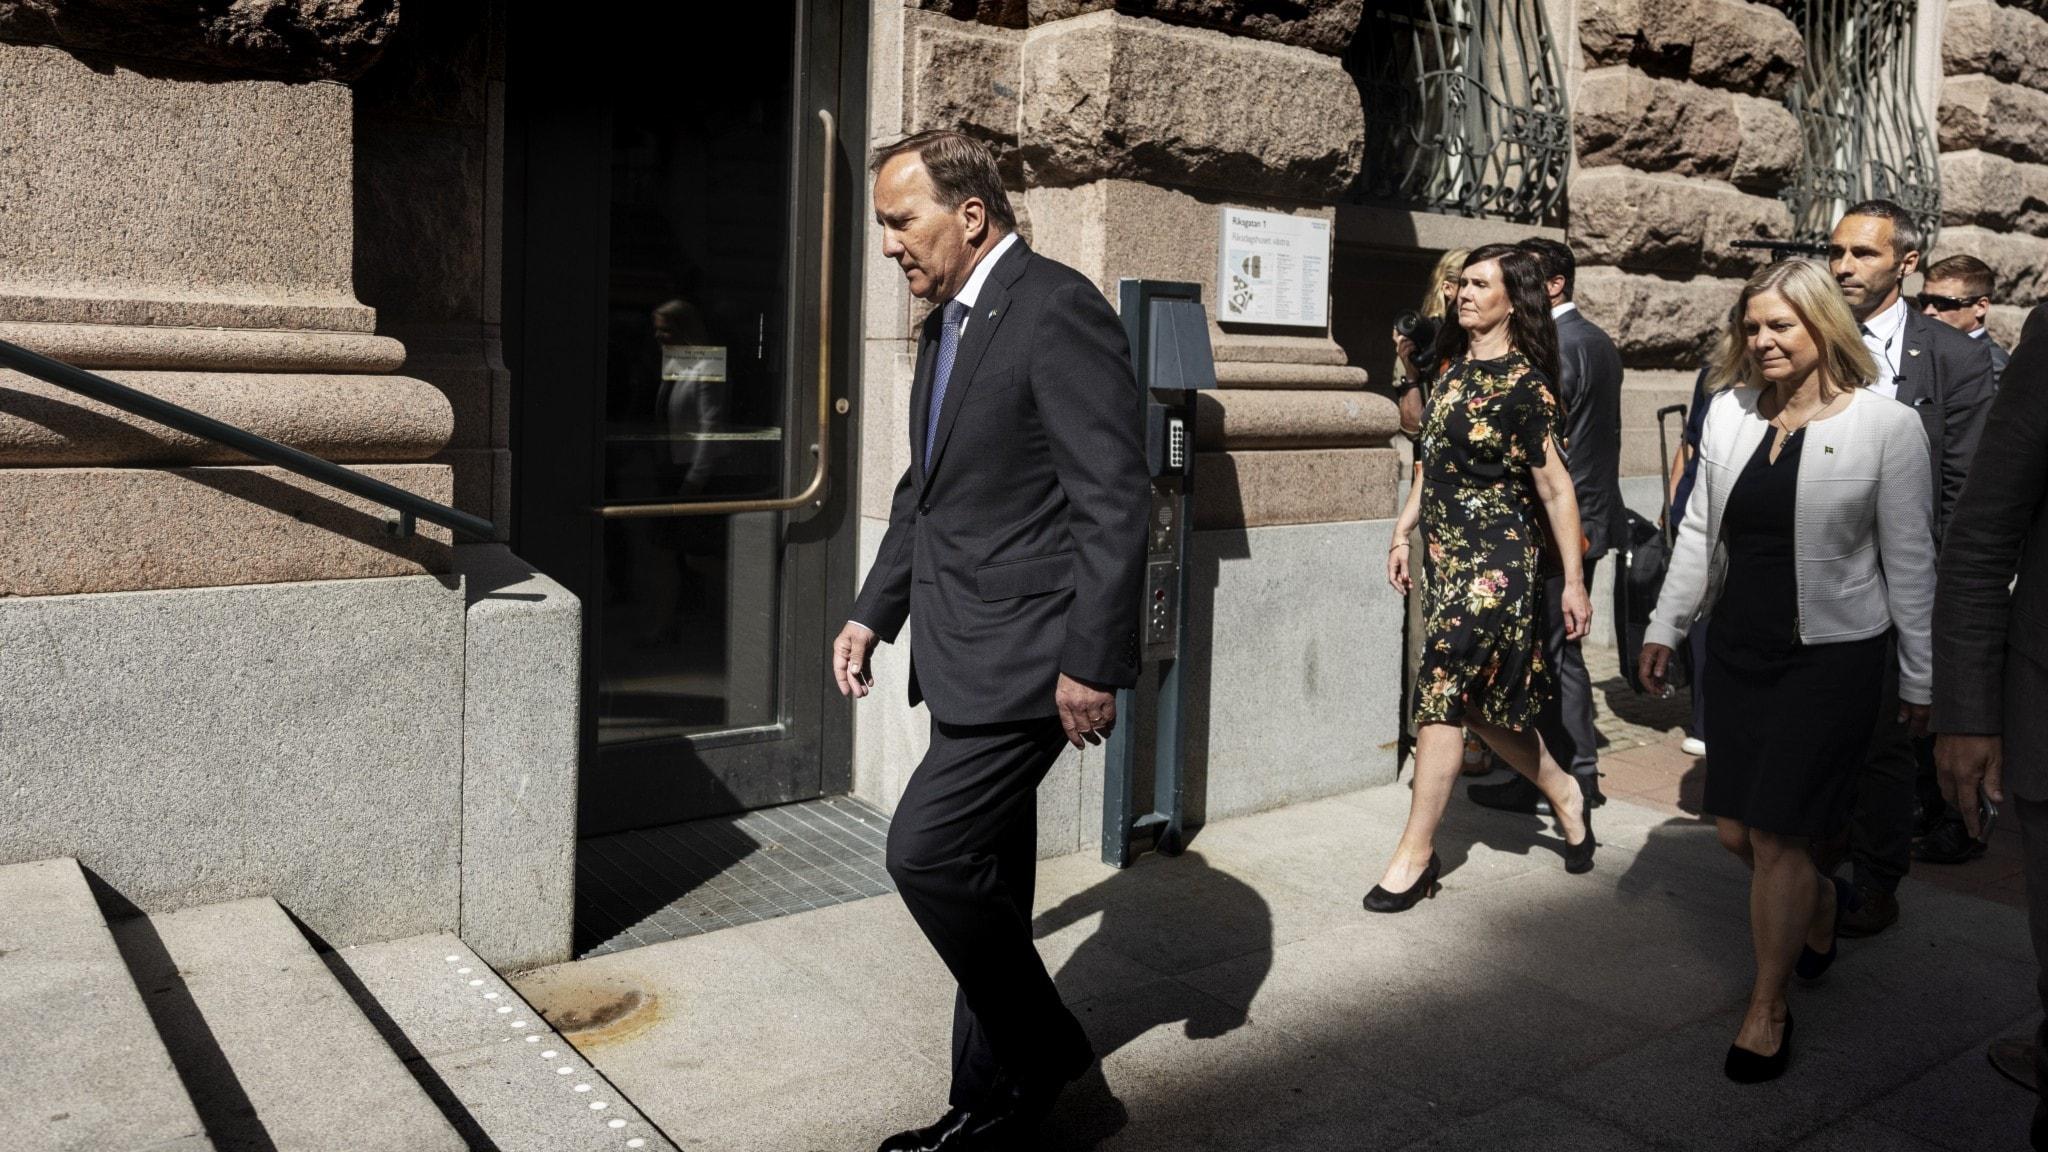 Bild på statsminister Stefan Löfven som går på en gata, med några ministrar bredvid.